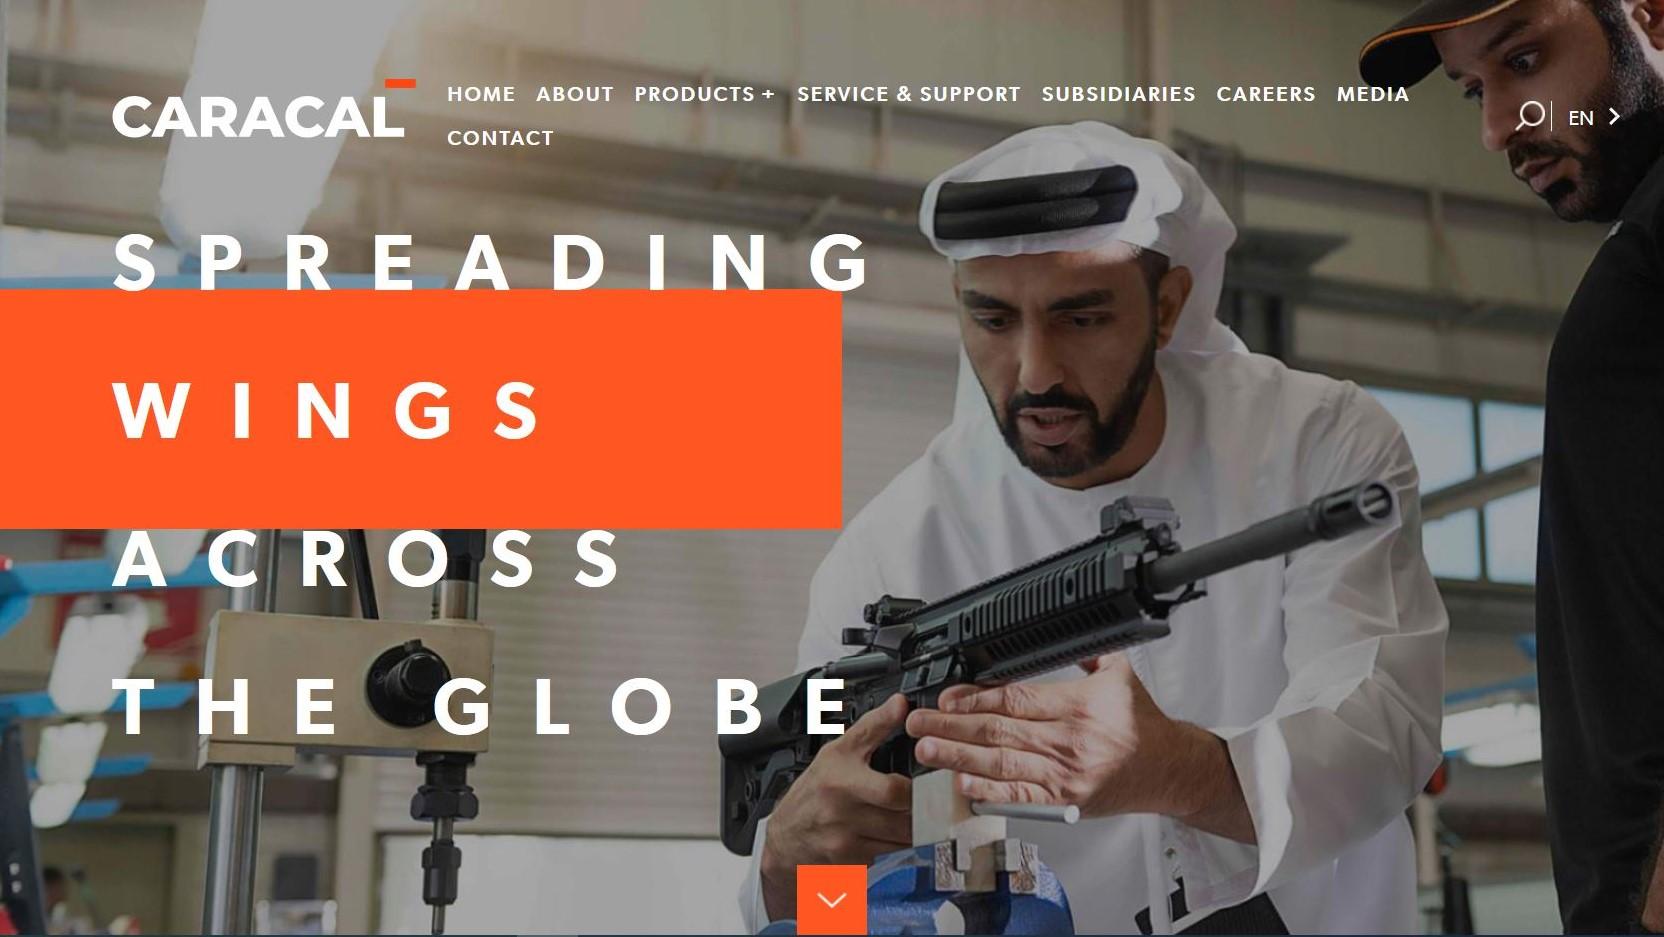 Screenshot aus der Internetseite von Caracal, einem arabischen Rüstungskonzern. Zwei Personen mit einem Gewehr.